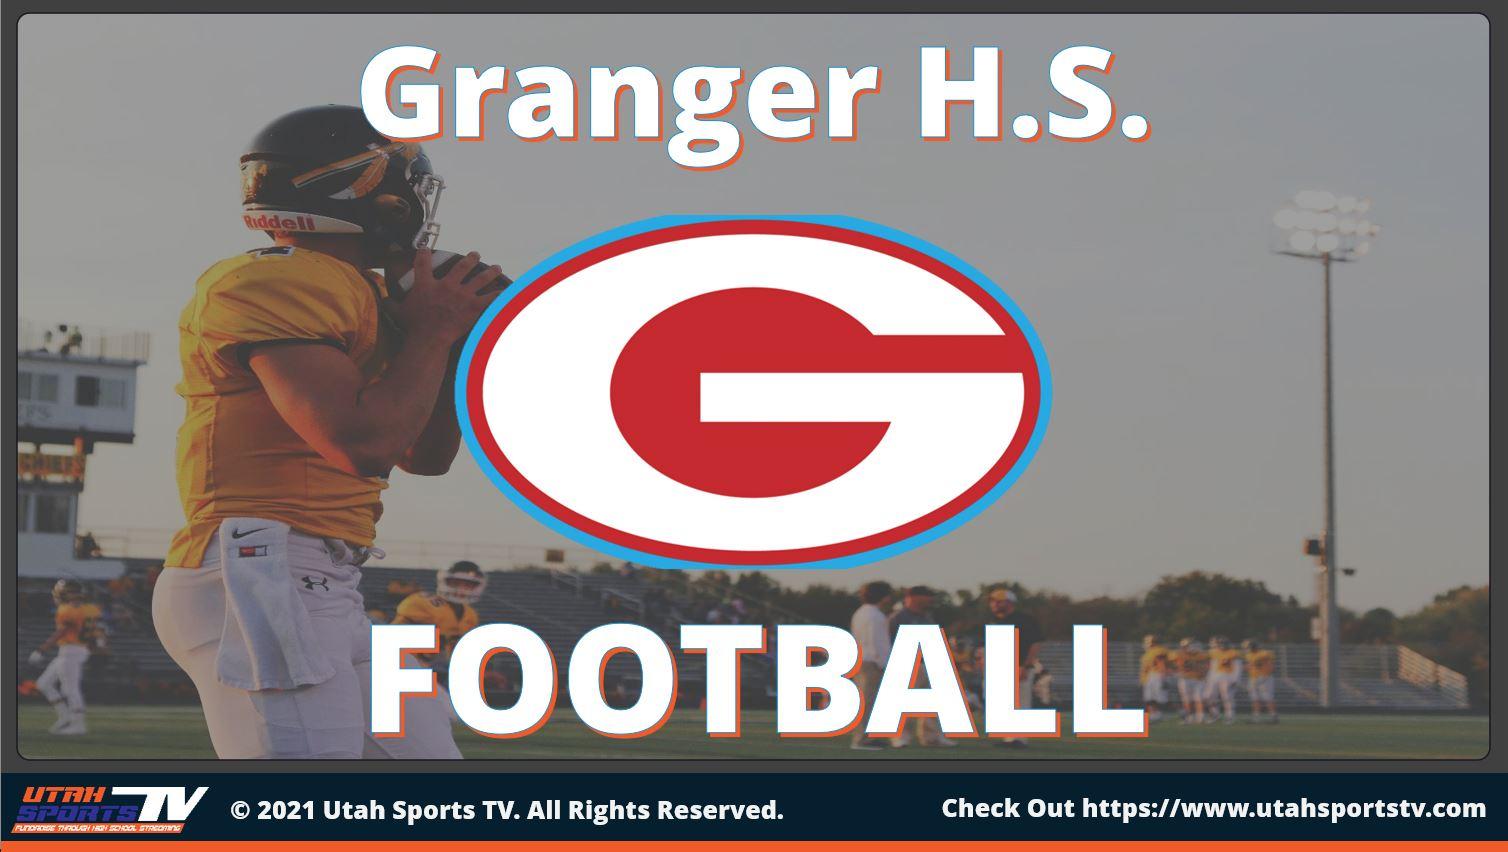 Granger - Football